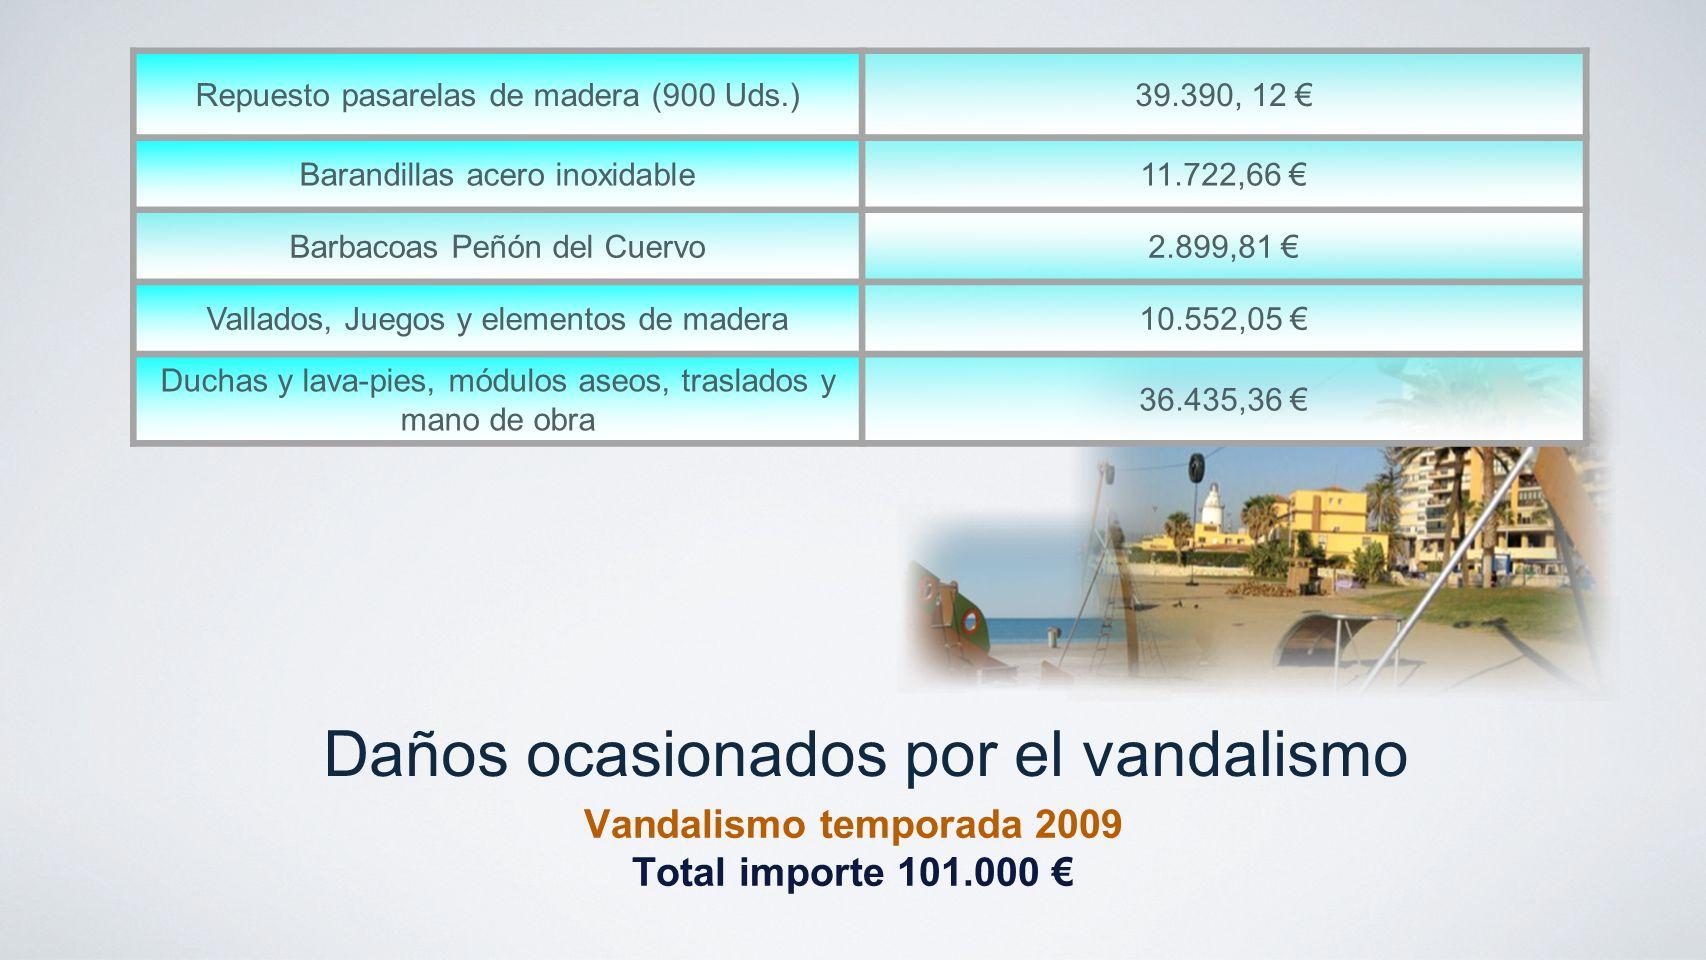 Daños ocasionados por el vandalismo Vandalismo temporada 2009 Total importe 101.000 Repuesto pasarelas de madera (900 Uds.)39.390, 12 Barandillas acer